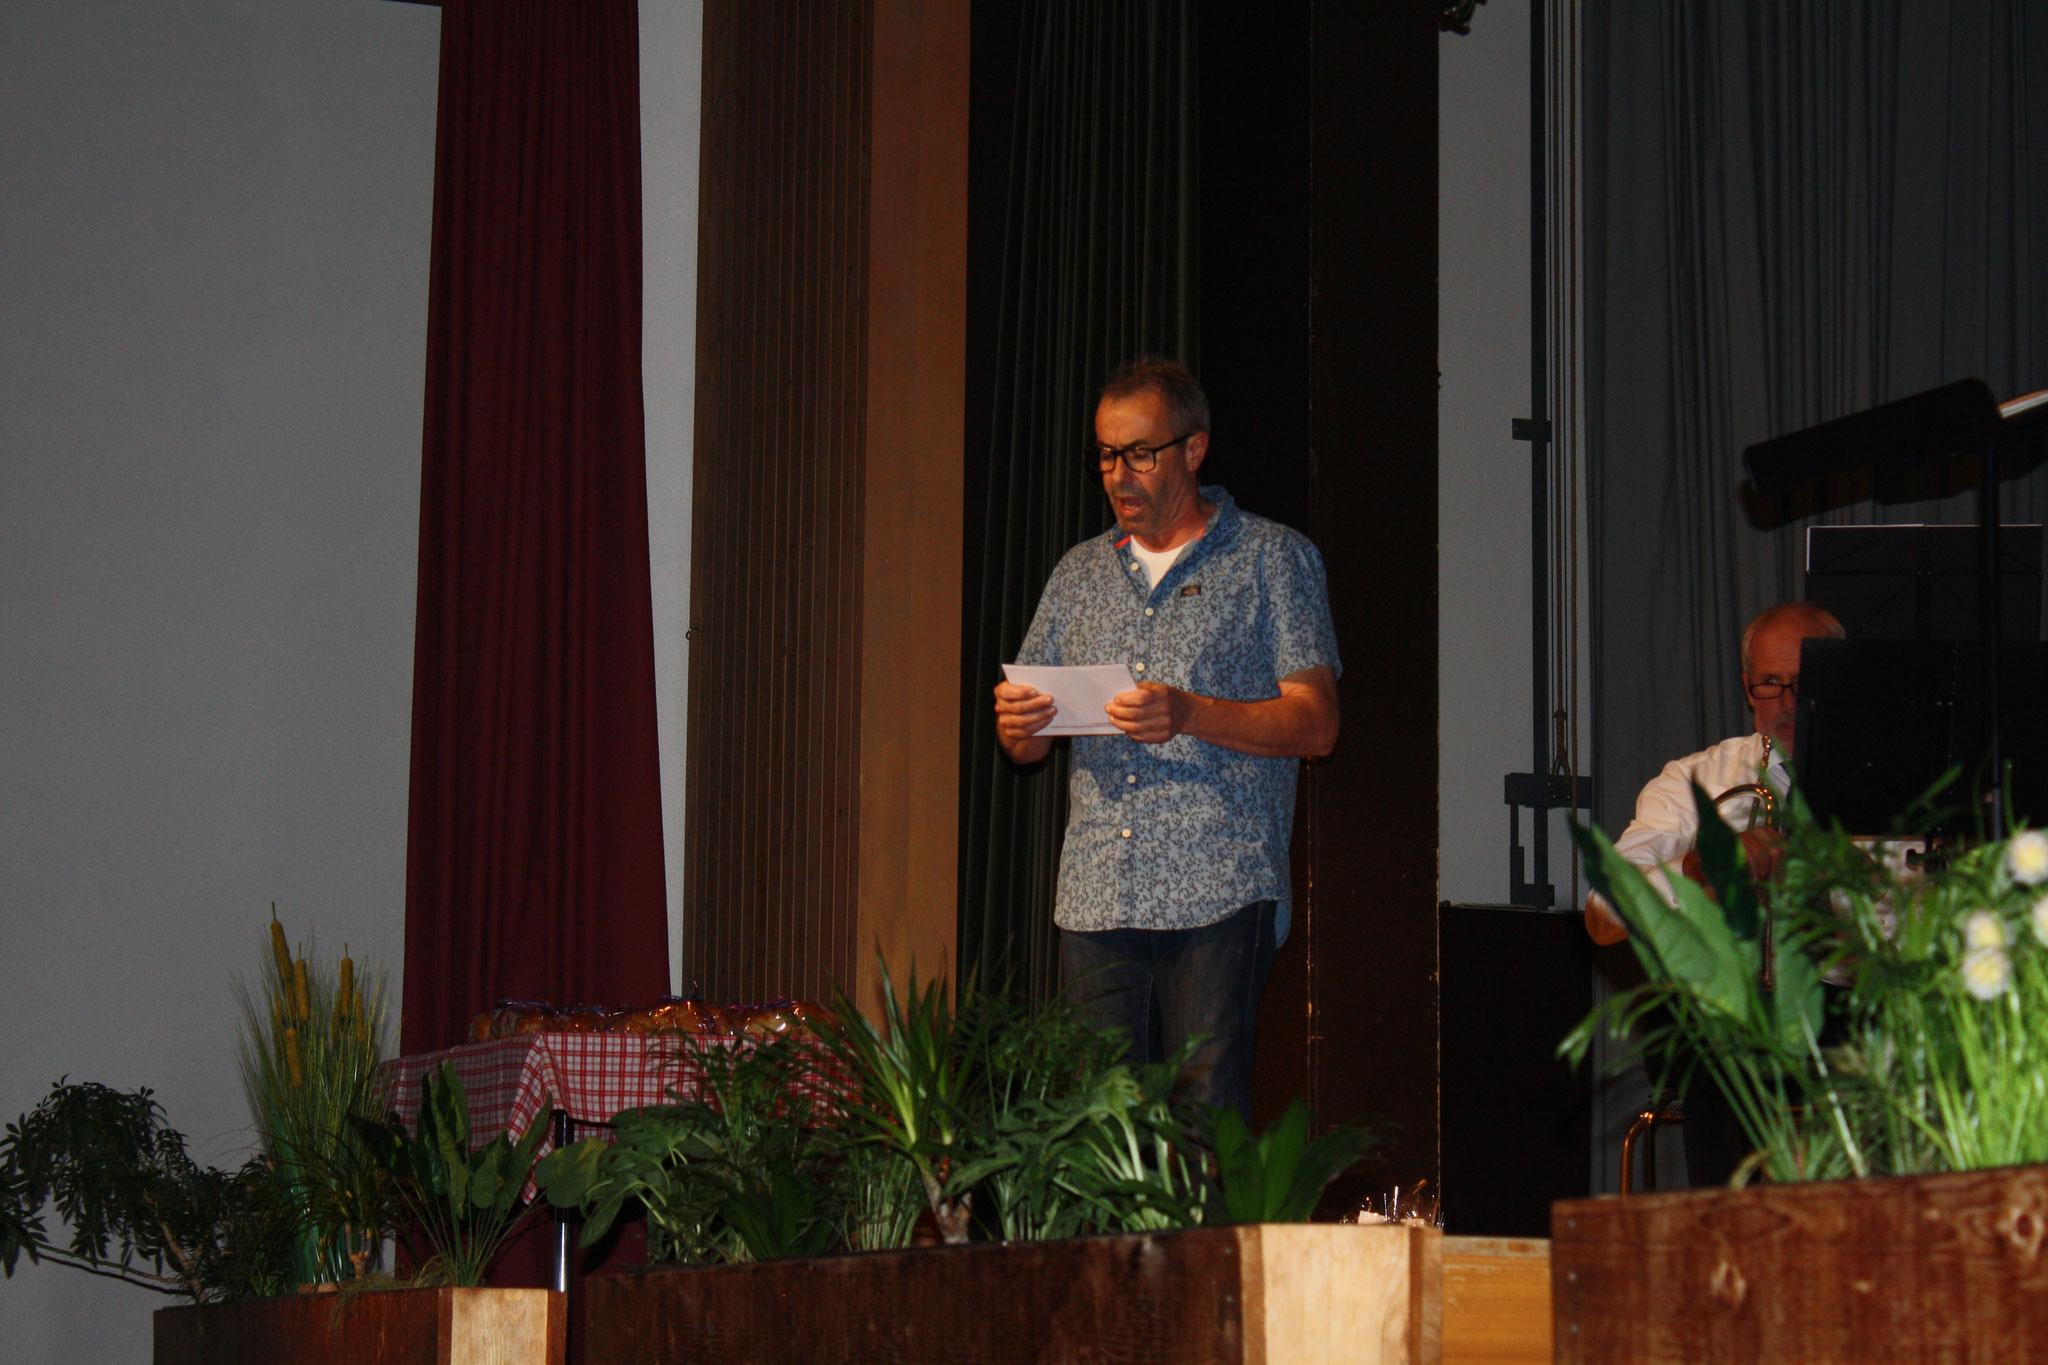 Jürg, unser bewährter Moderator, welcher auf lustige Art durch das Programm führte